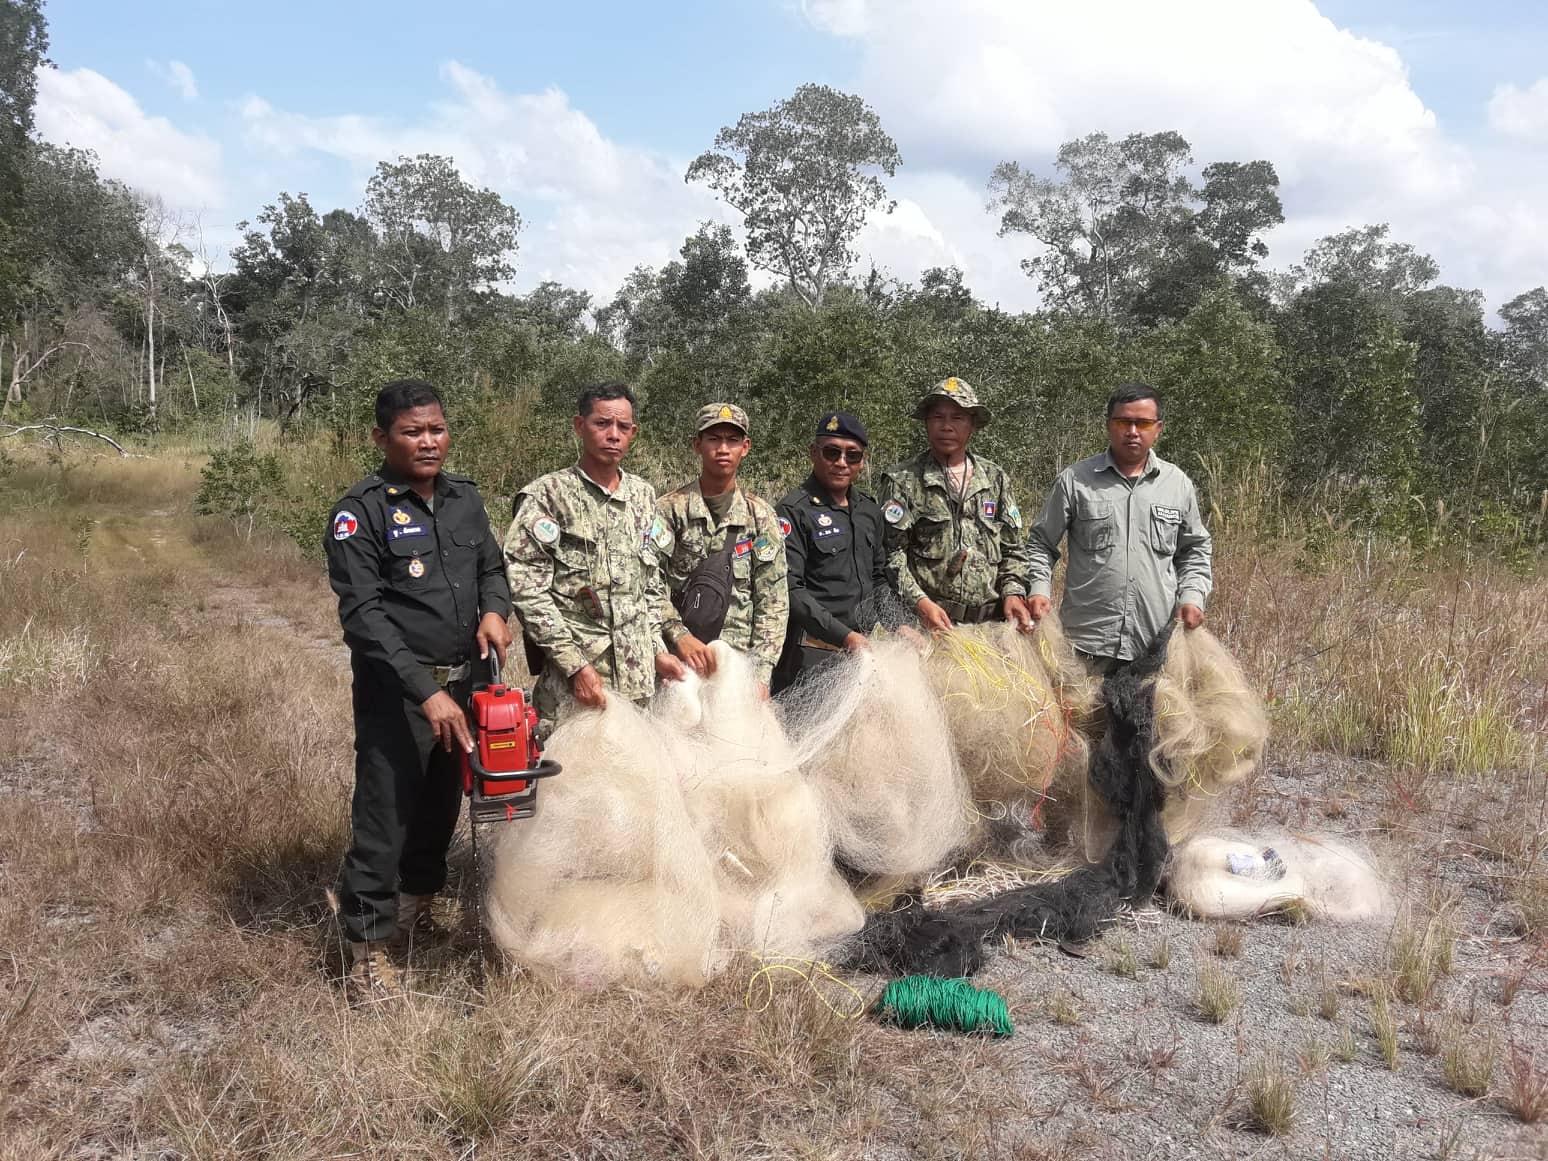 sponsor the asian elephant station Sponsor the Asian Elephant Station bird hunting in Cambodia